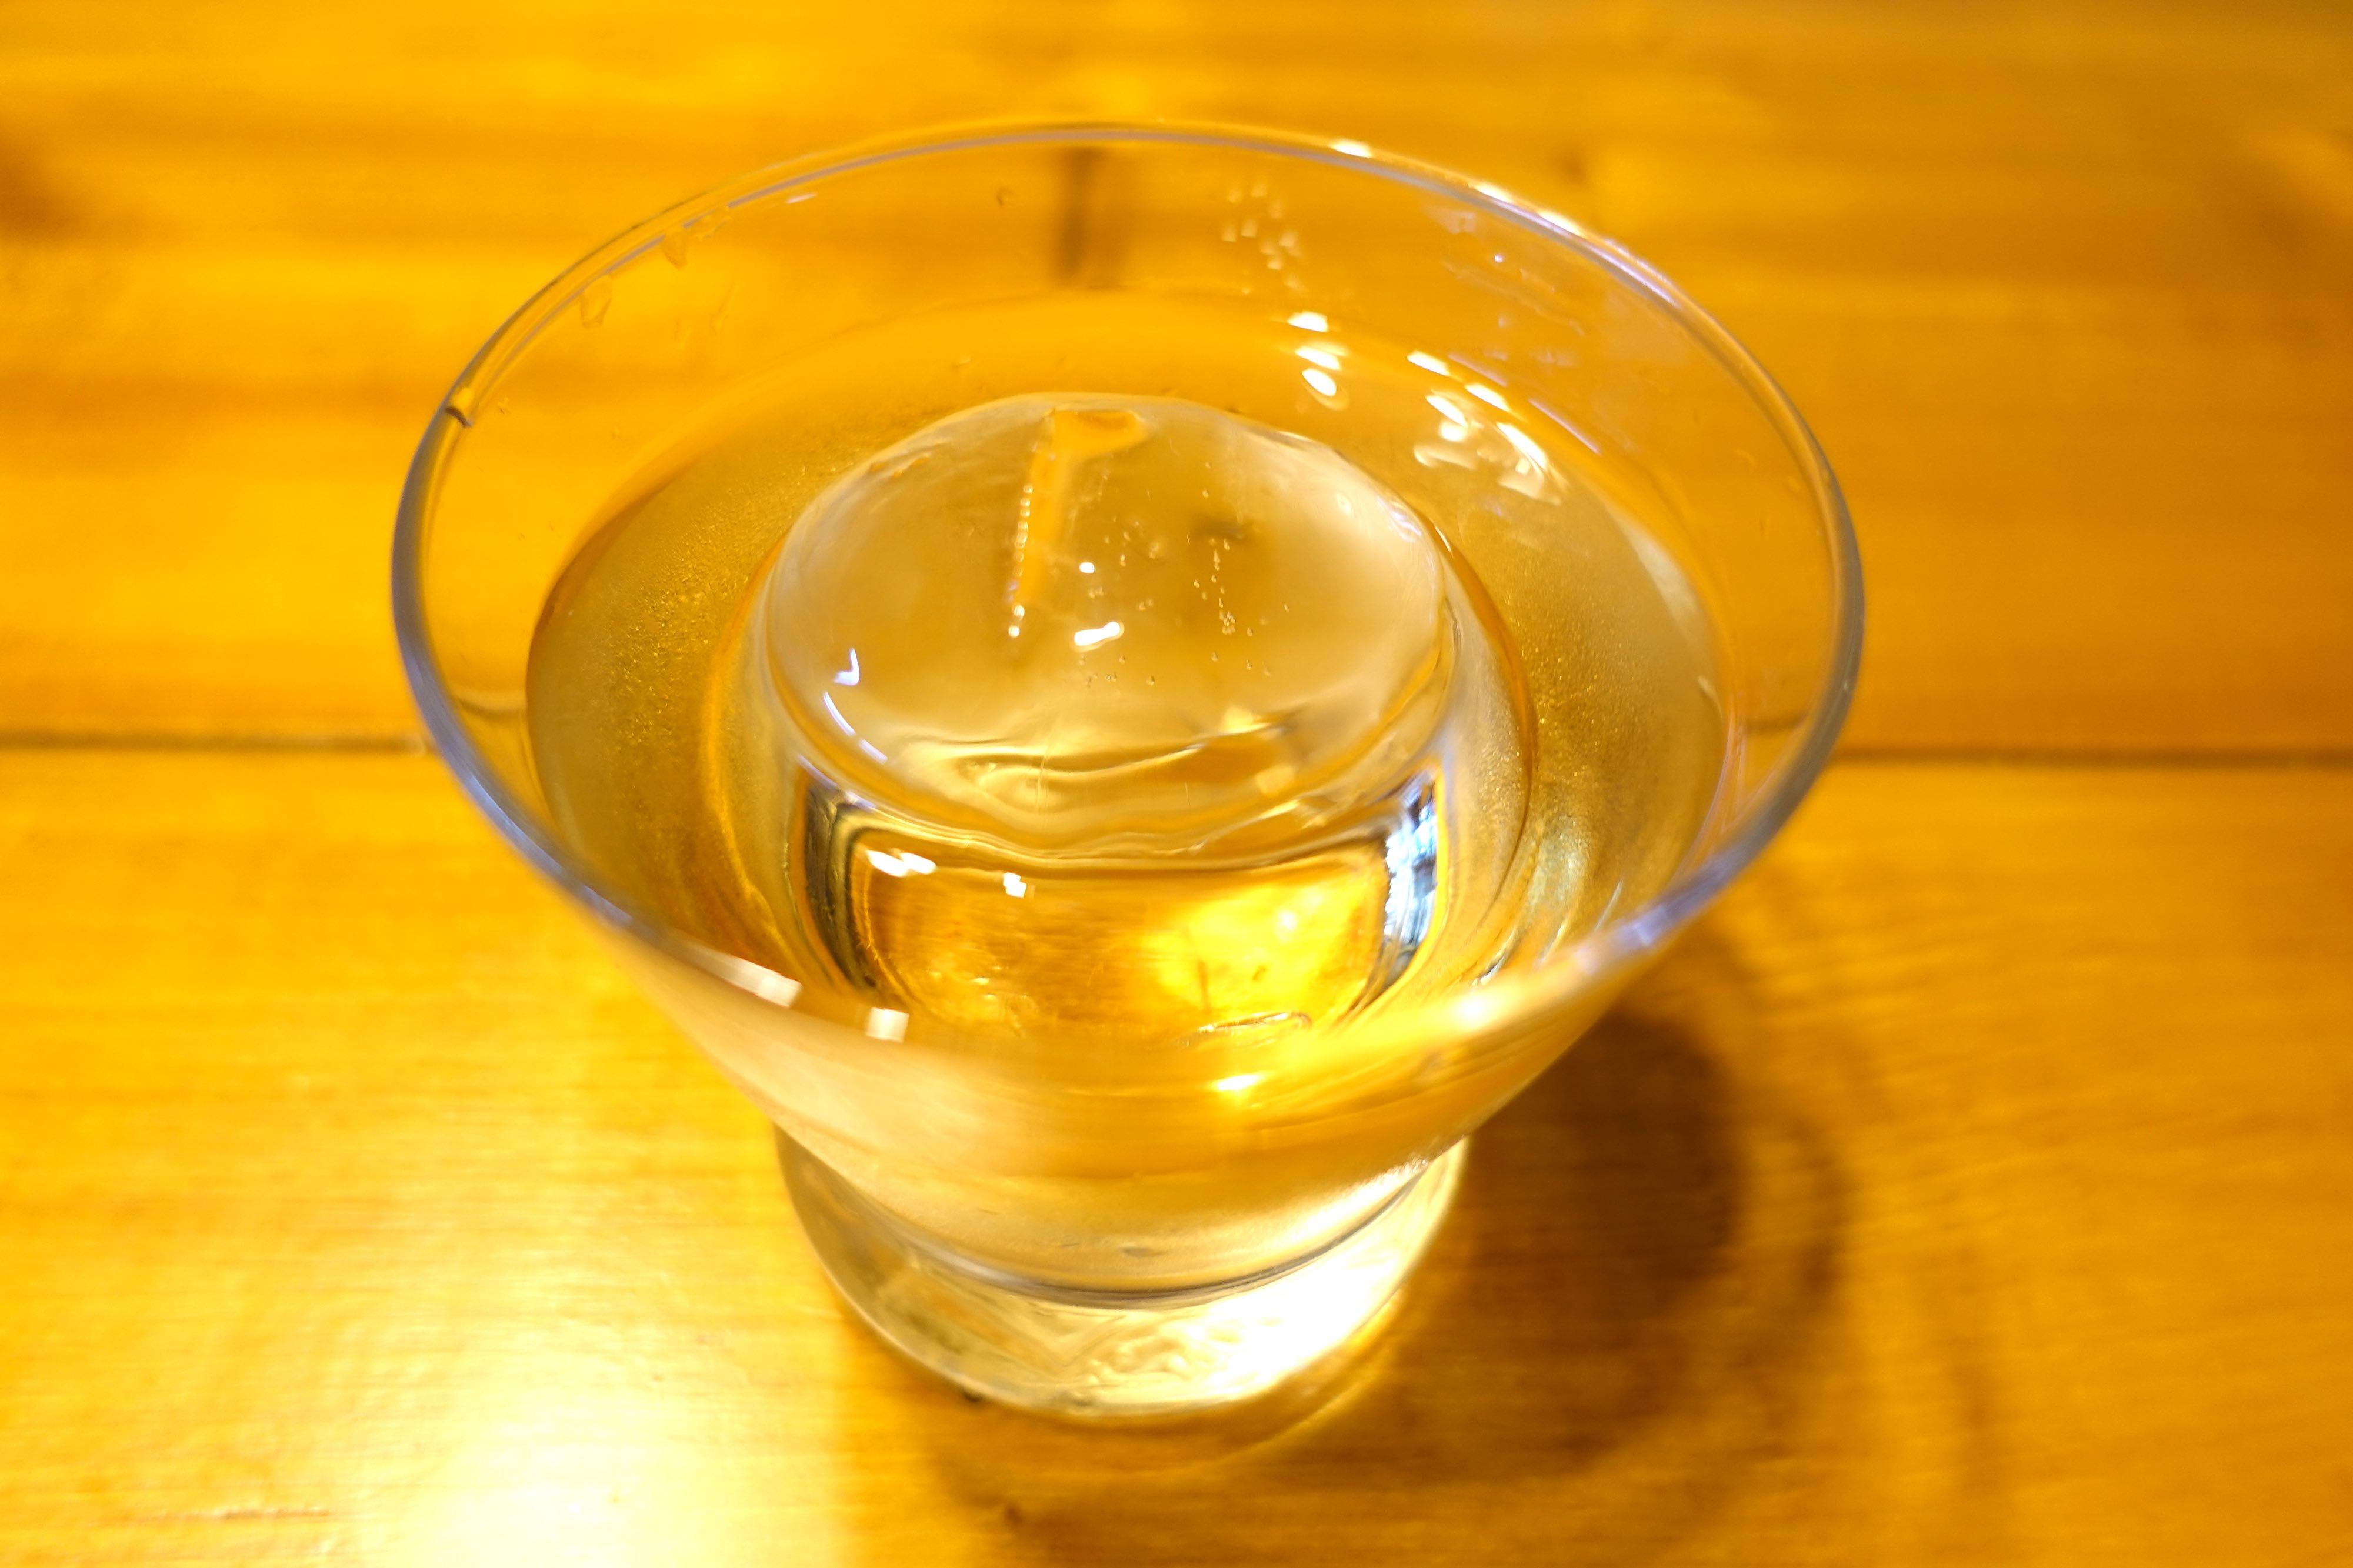 あの素晴らしい透明な氷を求めて